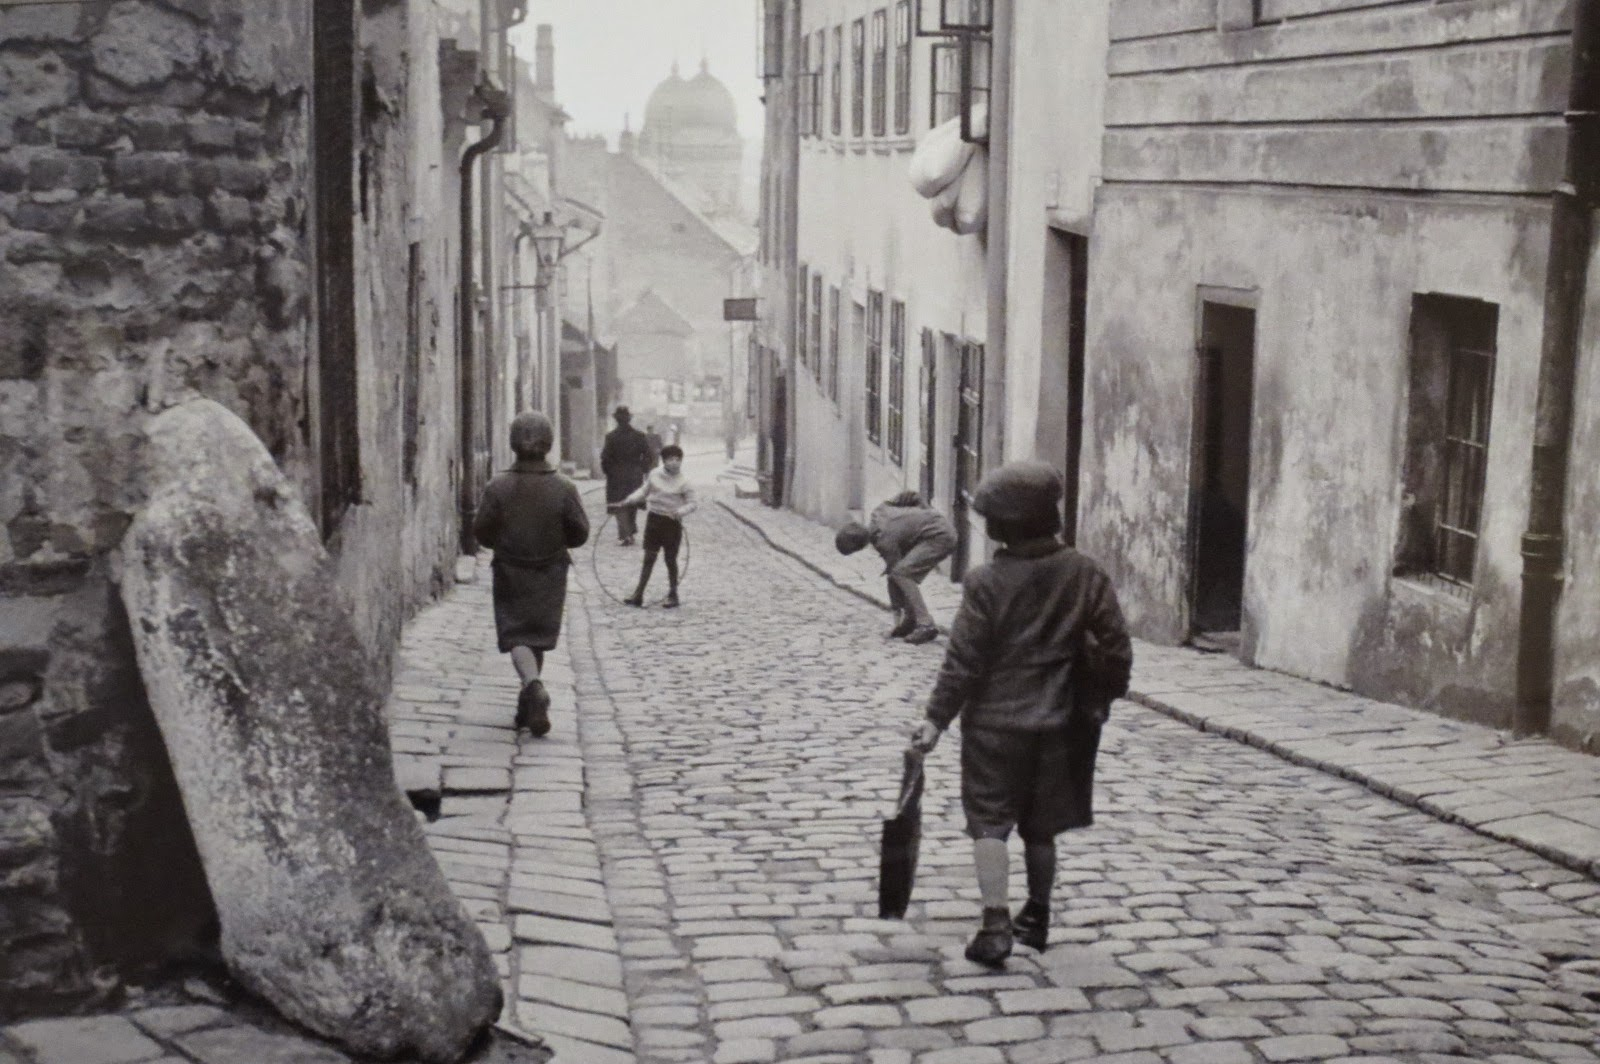 Дети играют в еврейском квартале